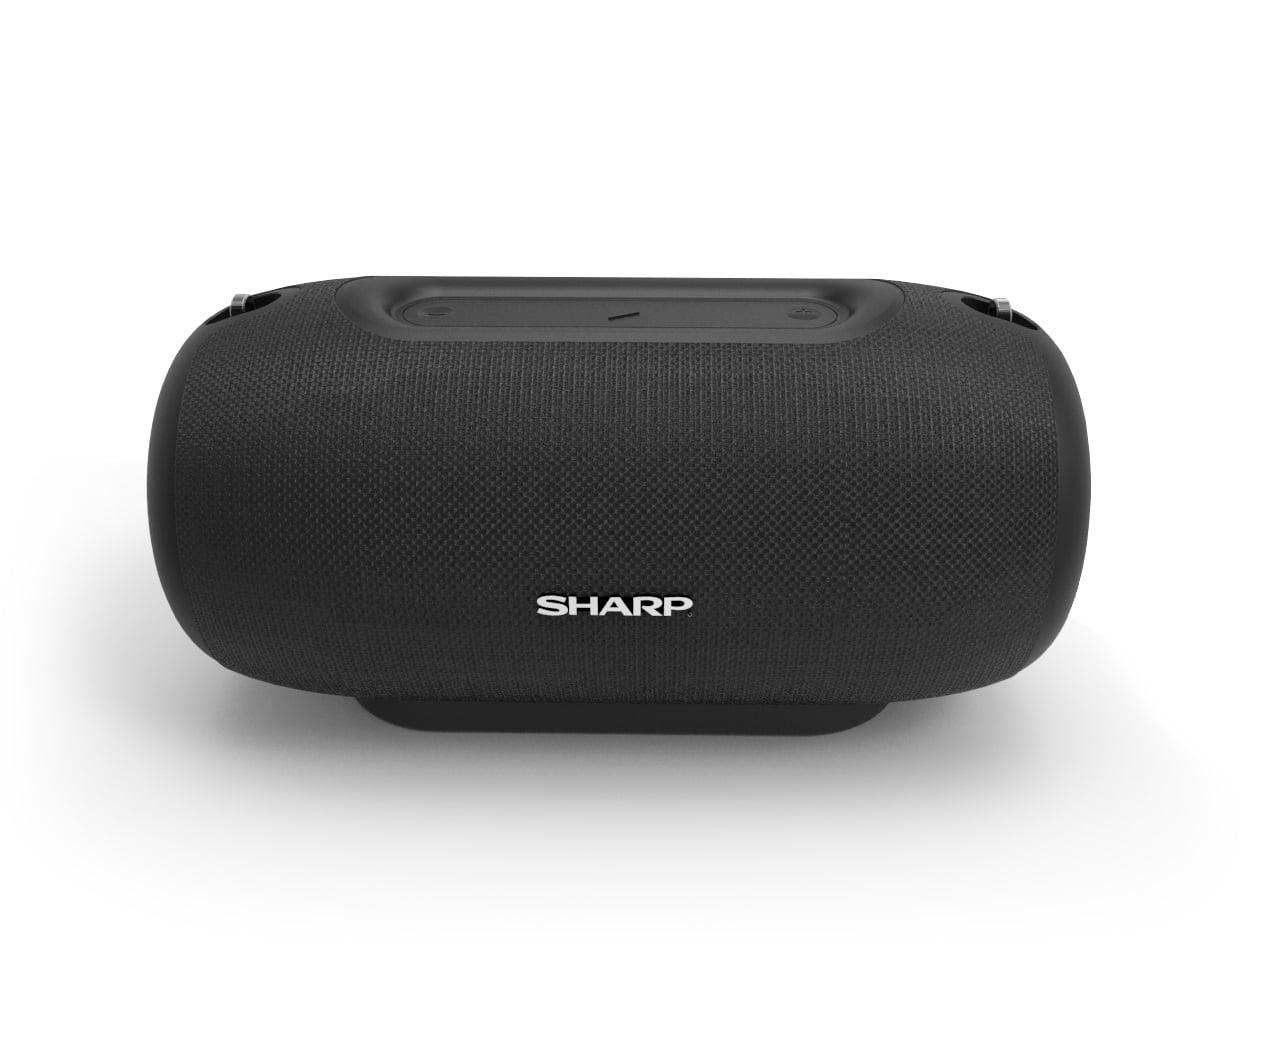 Nowe głośniki bezprzewodowe Sharpa nie boją się wody, współpracują z asystentami głosowymi i są już dostępne w Polsce 22